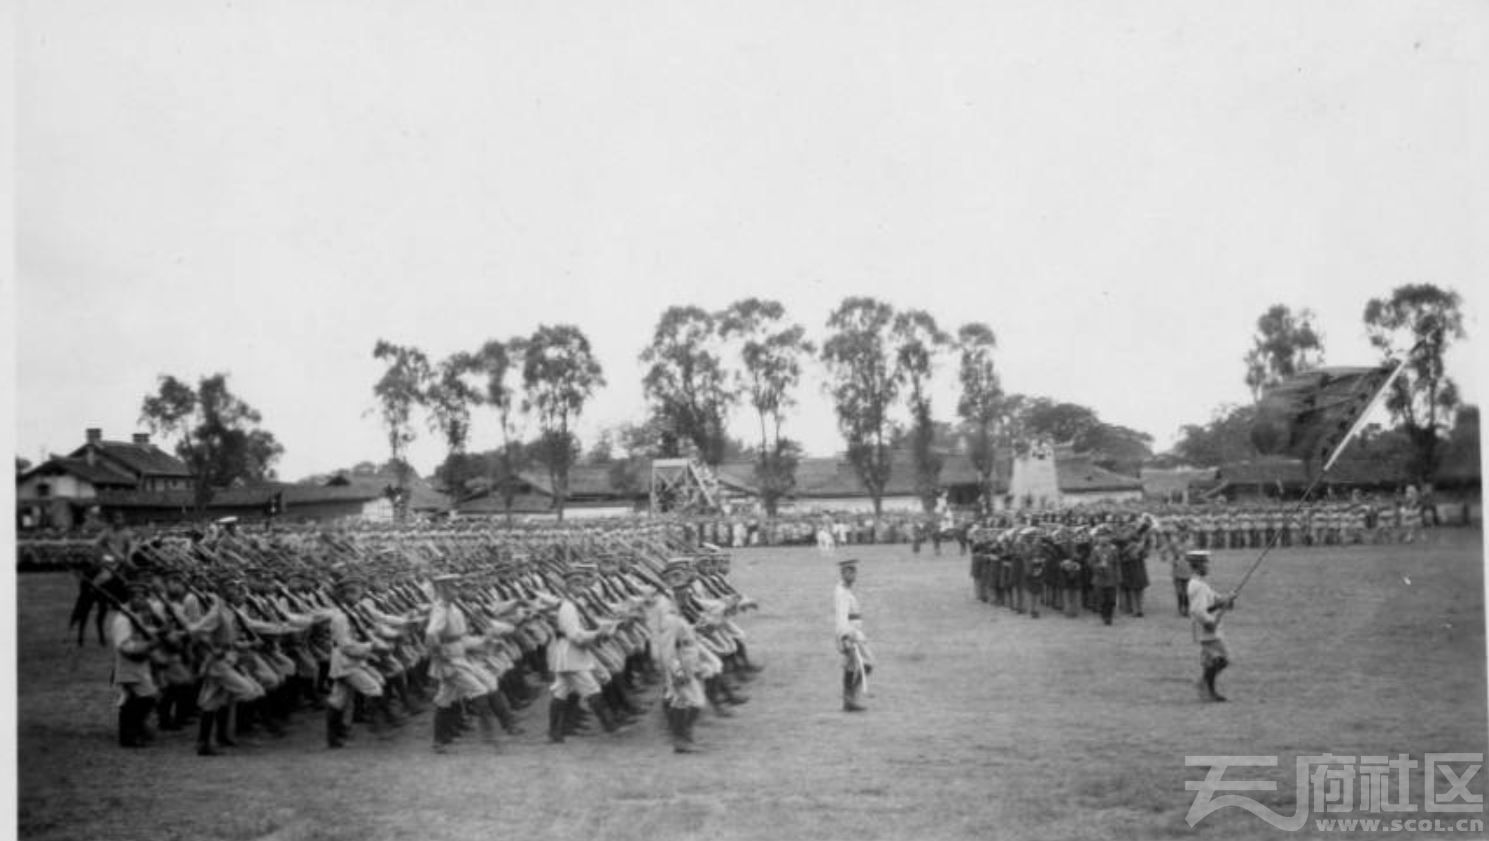 67 华西大学 士兵操场操练 20世纪20年代或30年代.JPG